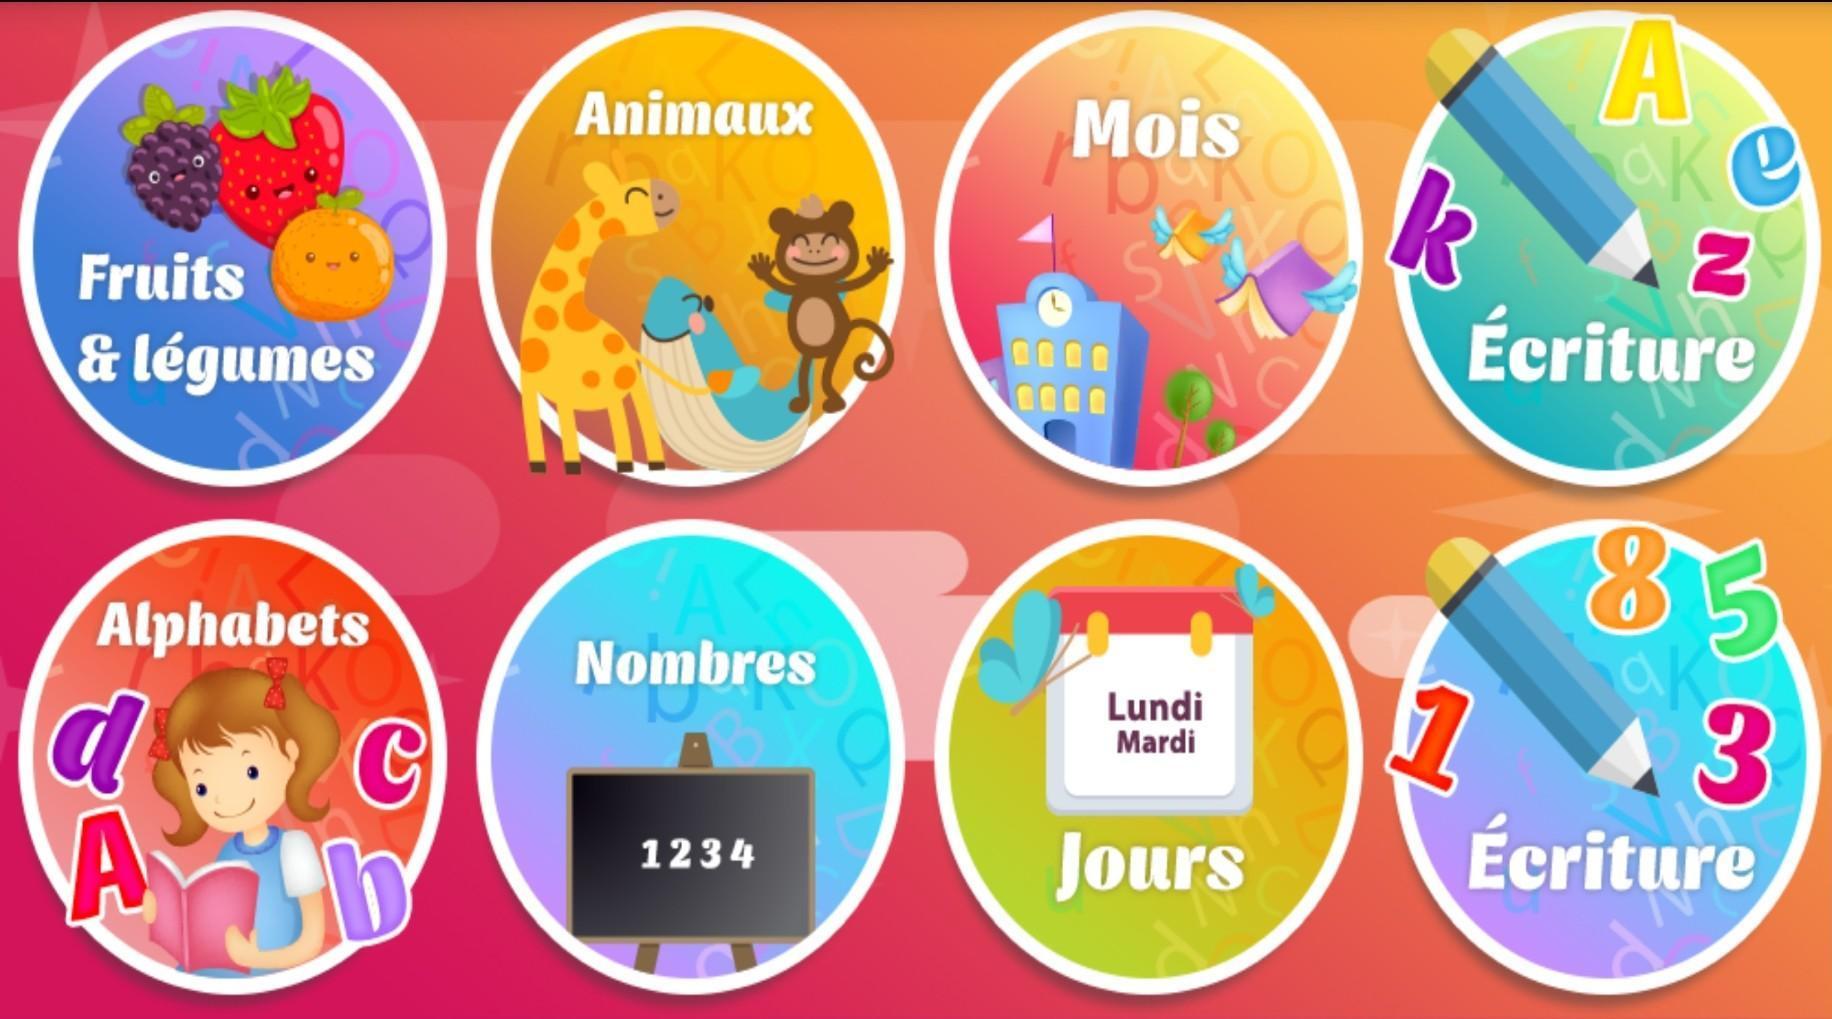 Apprendre Le Français Pour Les Enfants Niveau 1 For Android serapportantà Apprendre Alphabet Francais